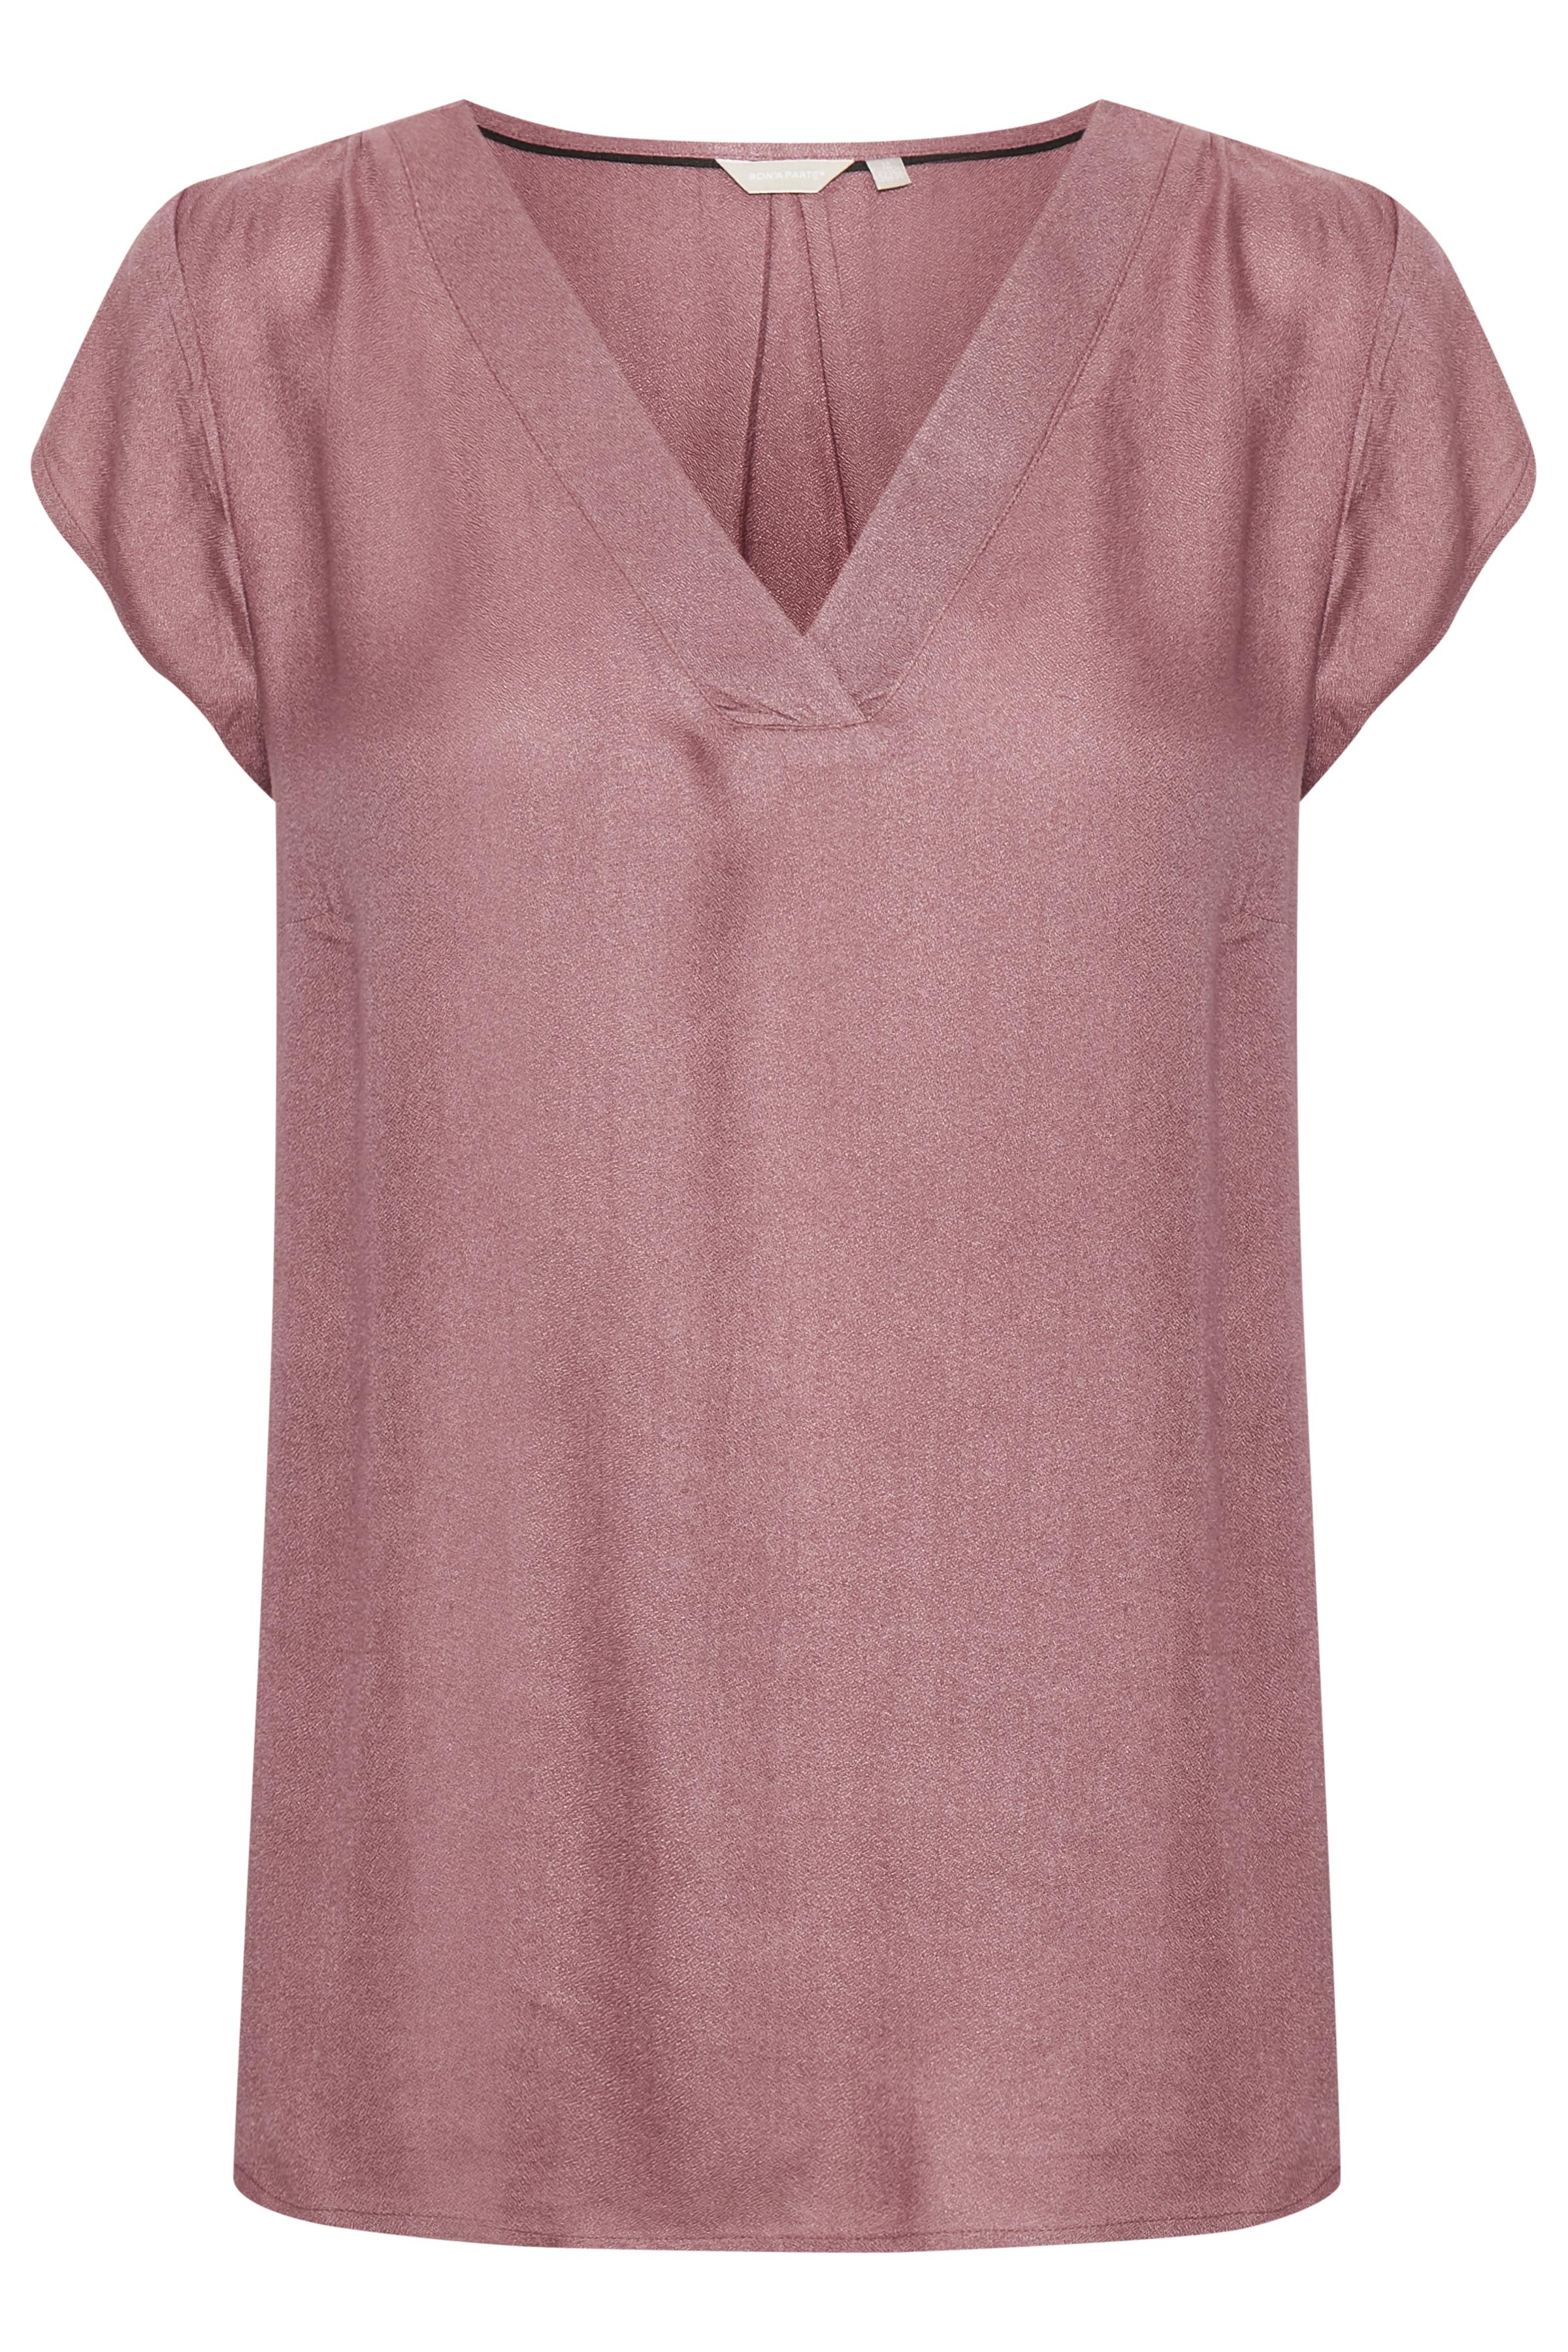 Image of BonA Parte Dame BONA PARTE bluse med V-hals. Korte ærmer. Vævet kvalitet. Blusen - Støvet lyng